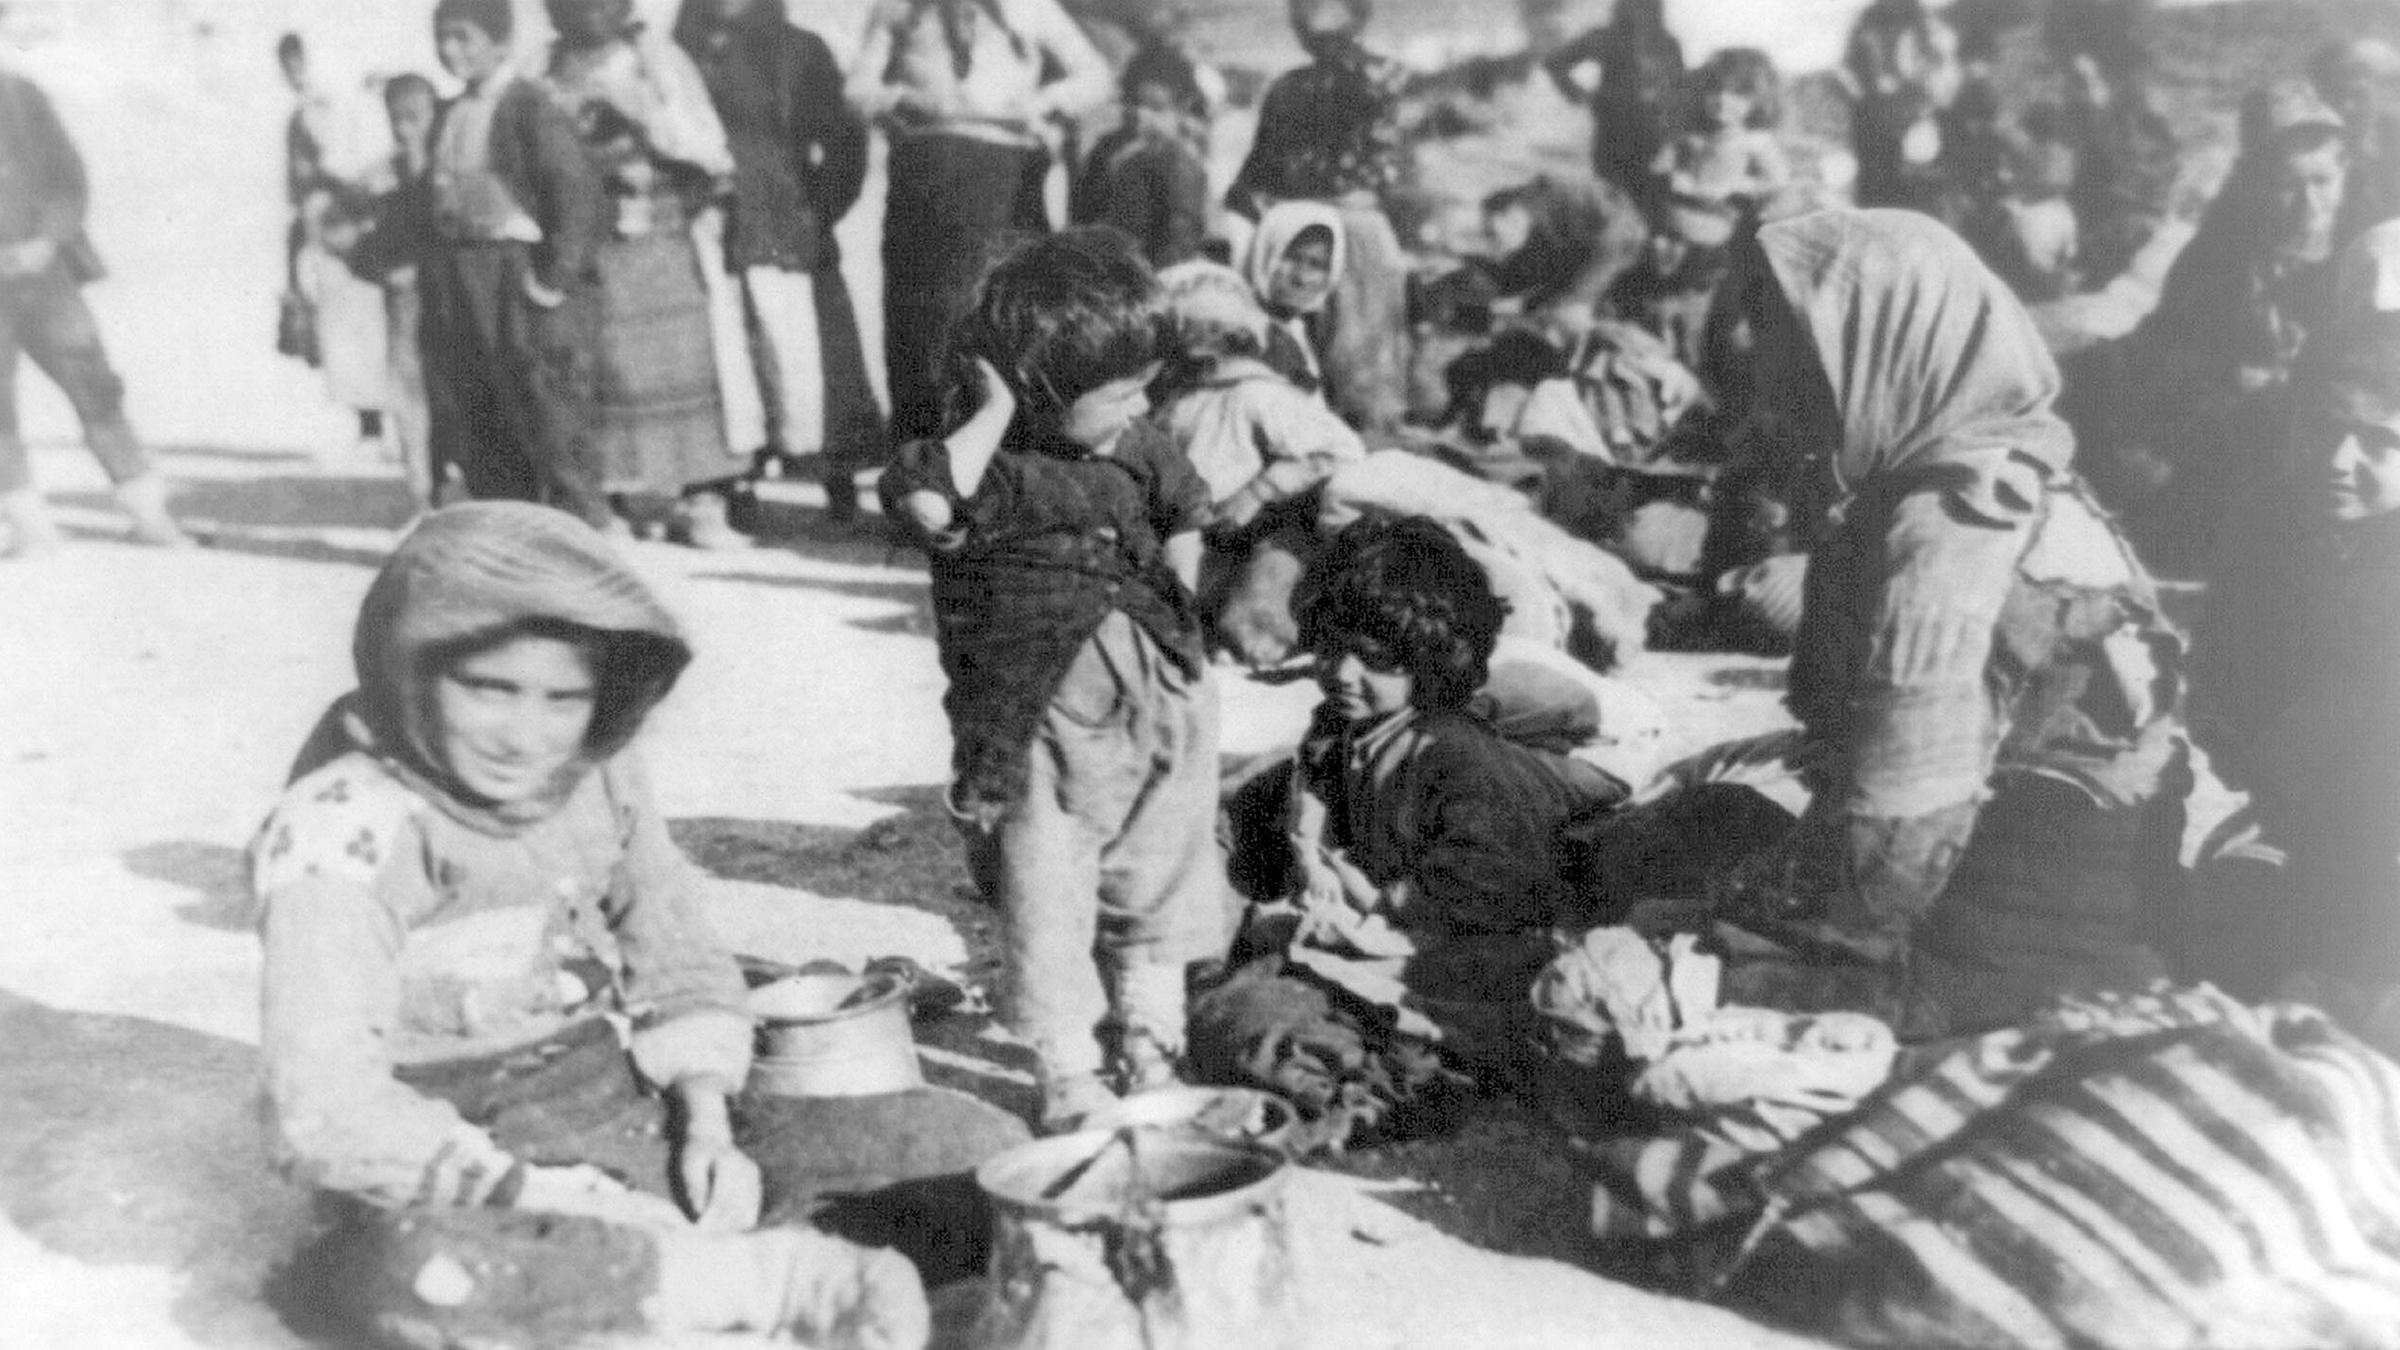 Turkei Wirft Usa Rache Vor Usa Werten Massaker An Armeniern Als Volkermord Zdfheute